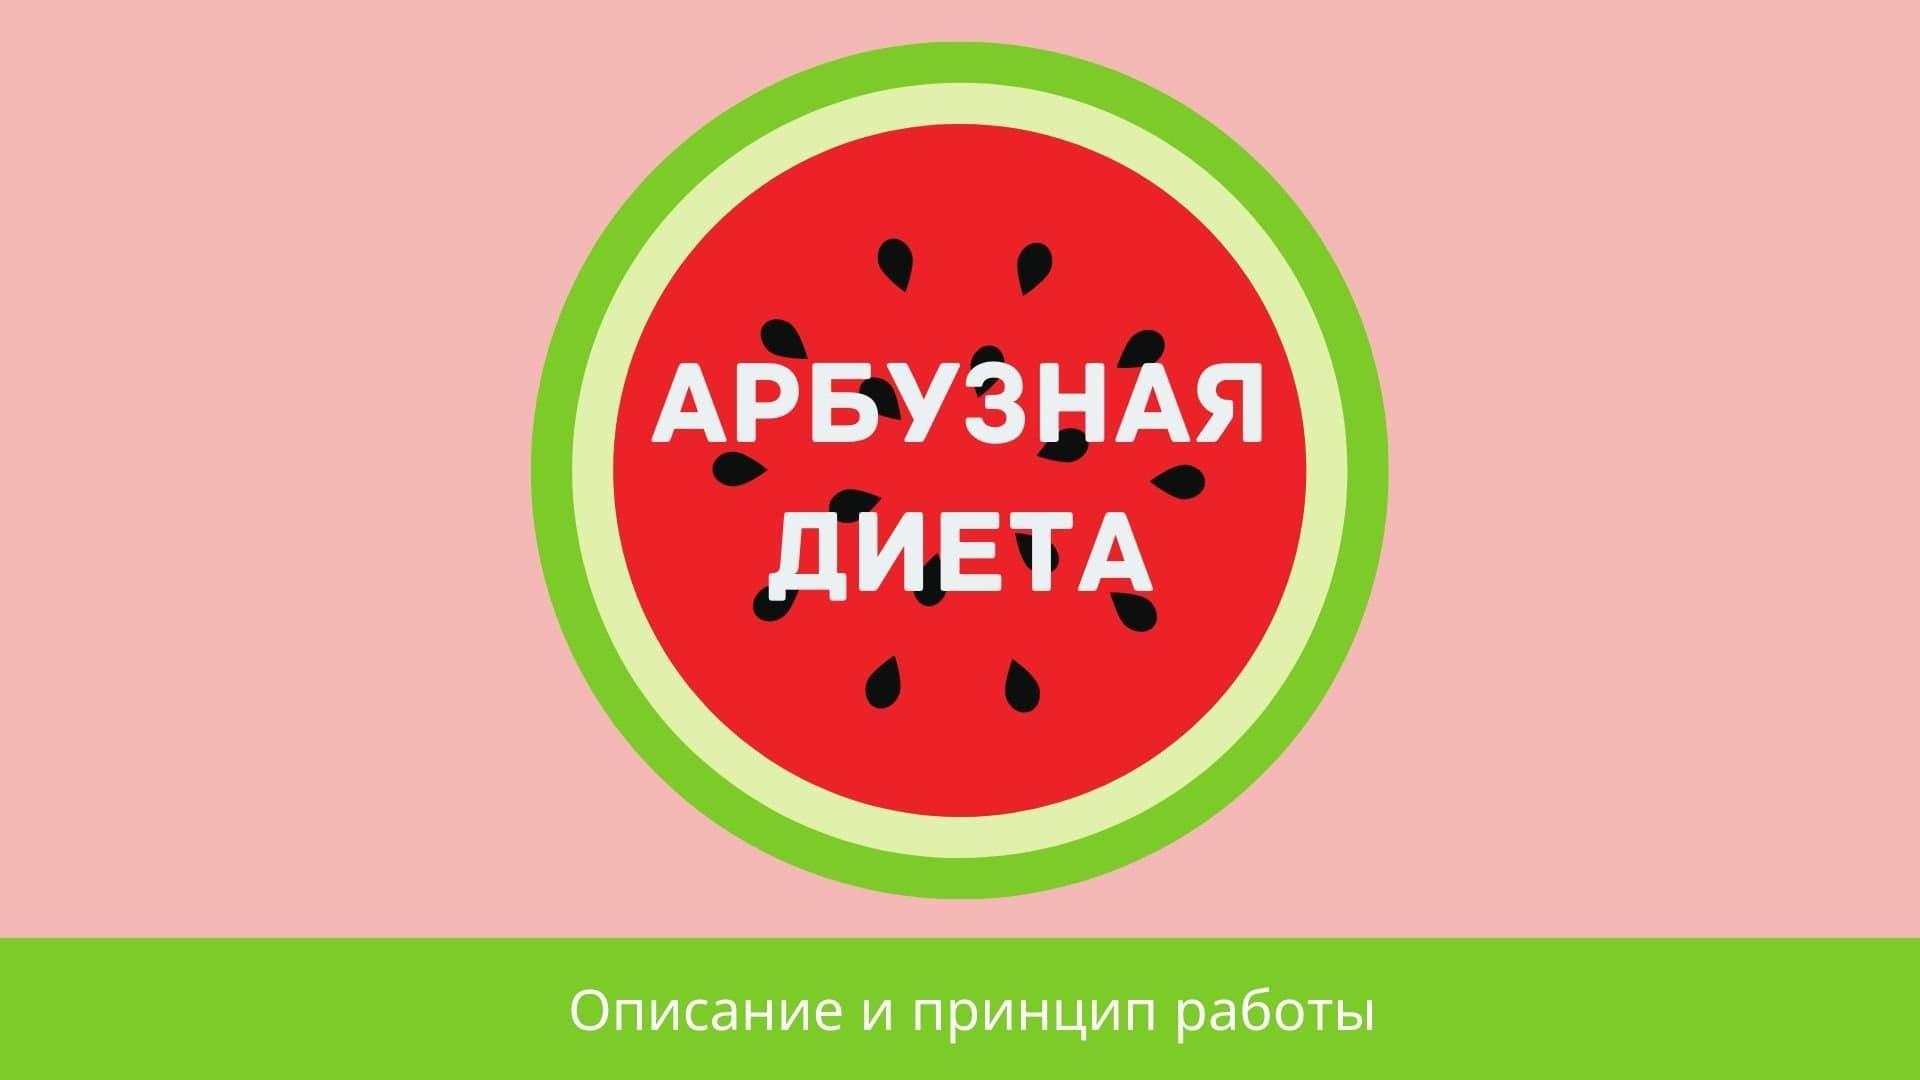 Арбузная диета: описание и принцип работы